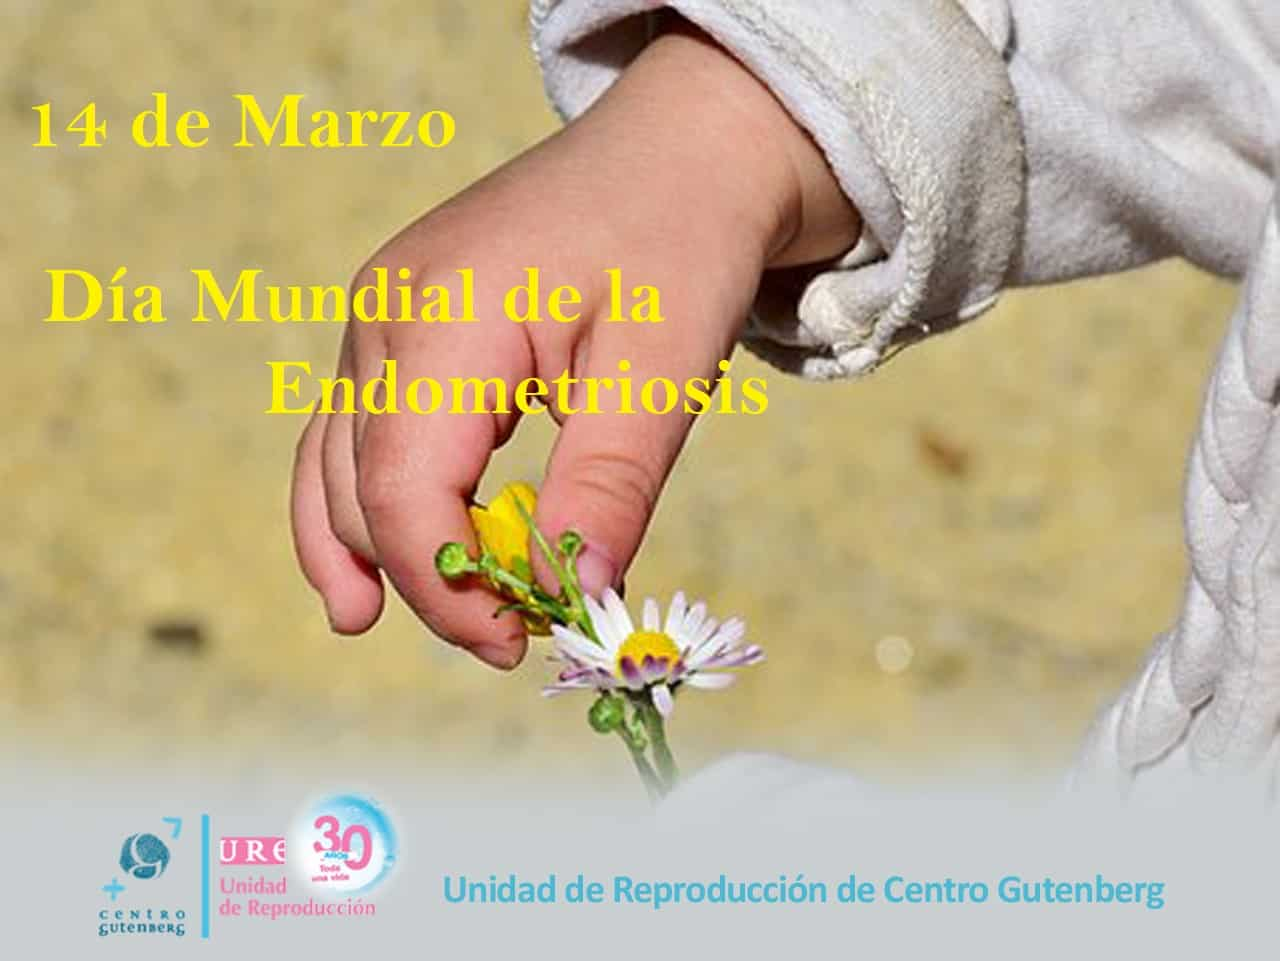 Dia Mundial de la Endometriosis 14 marzo